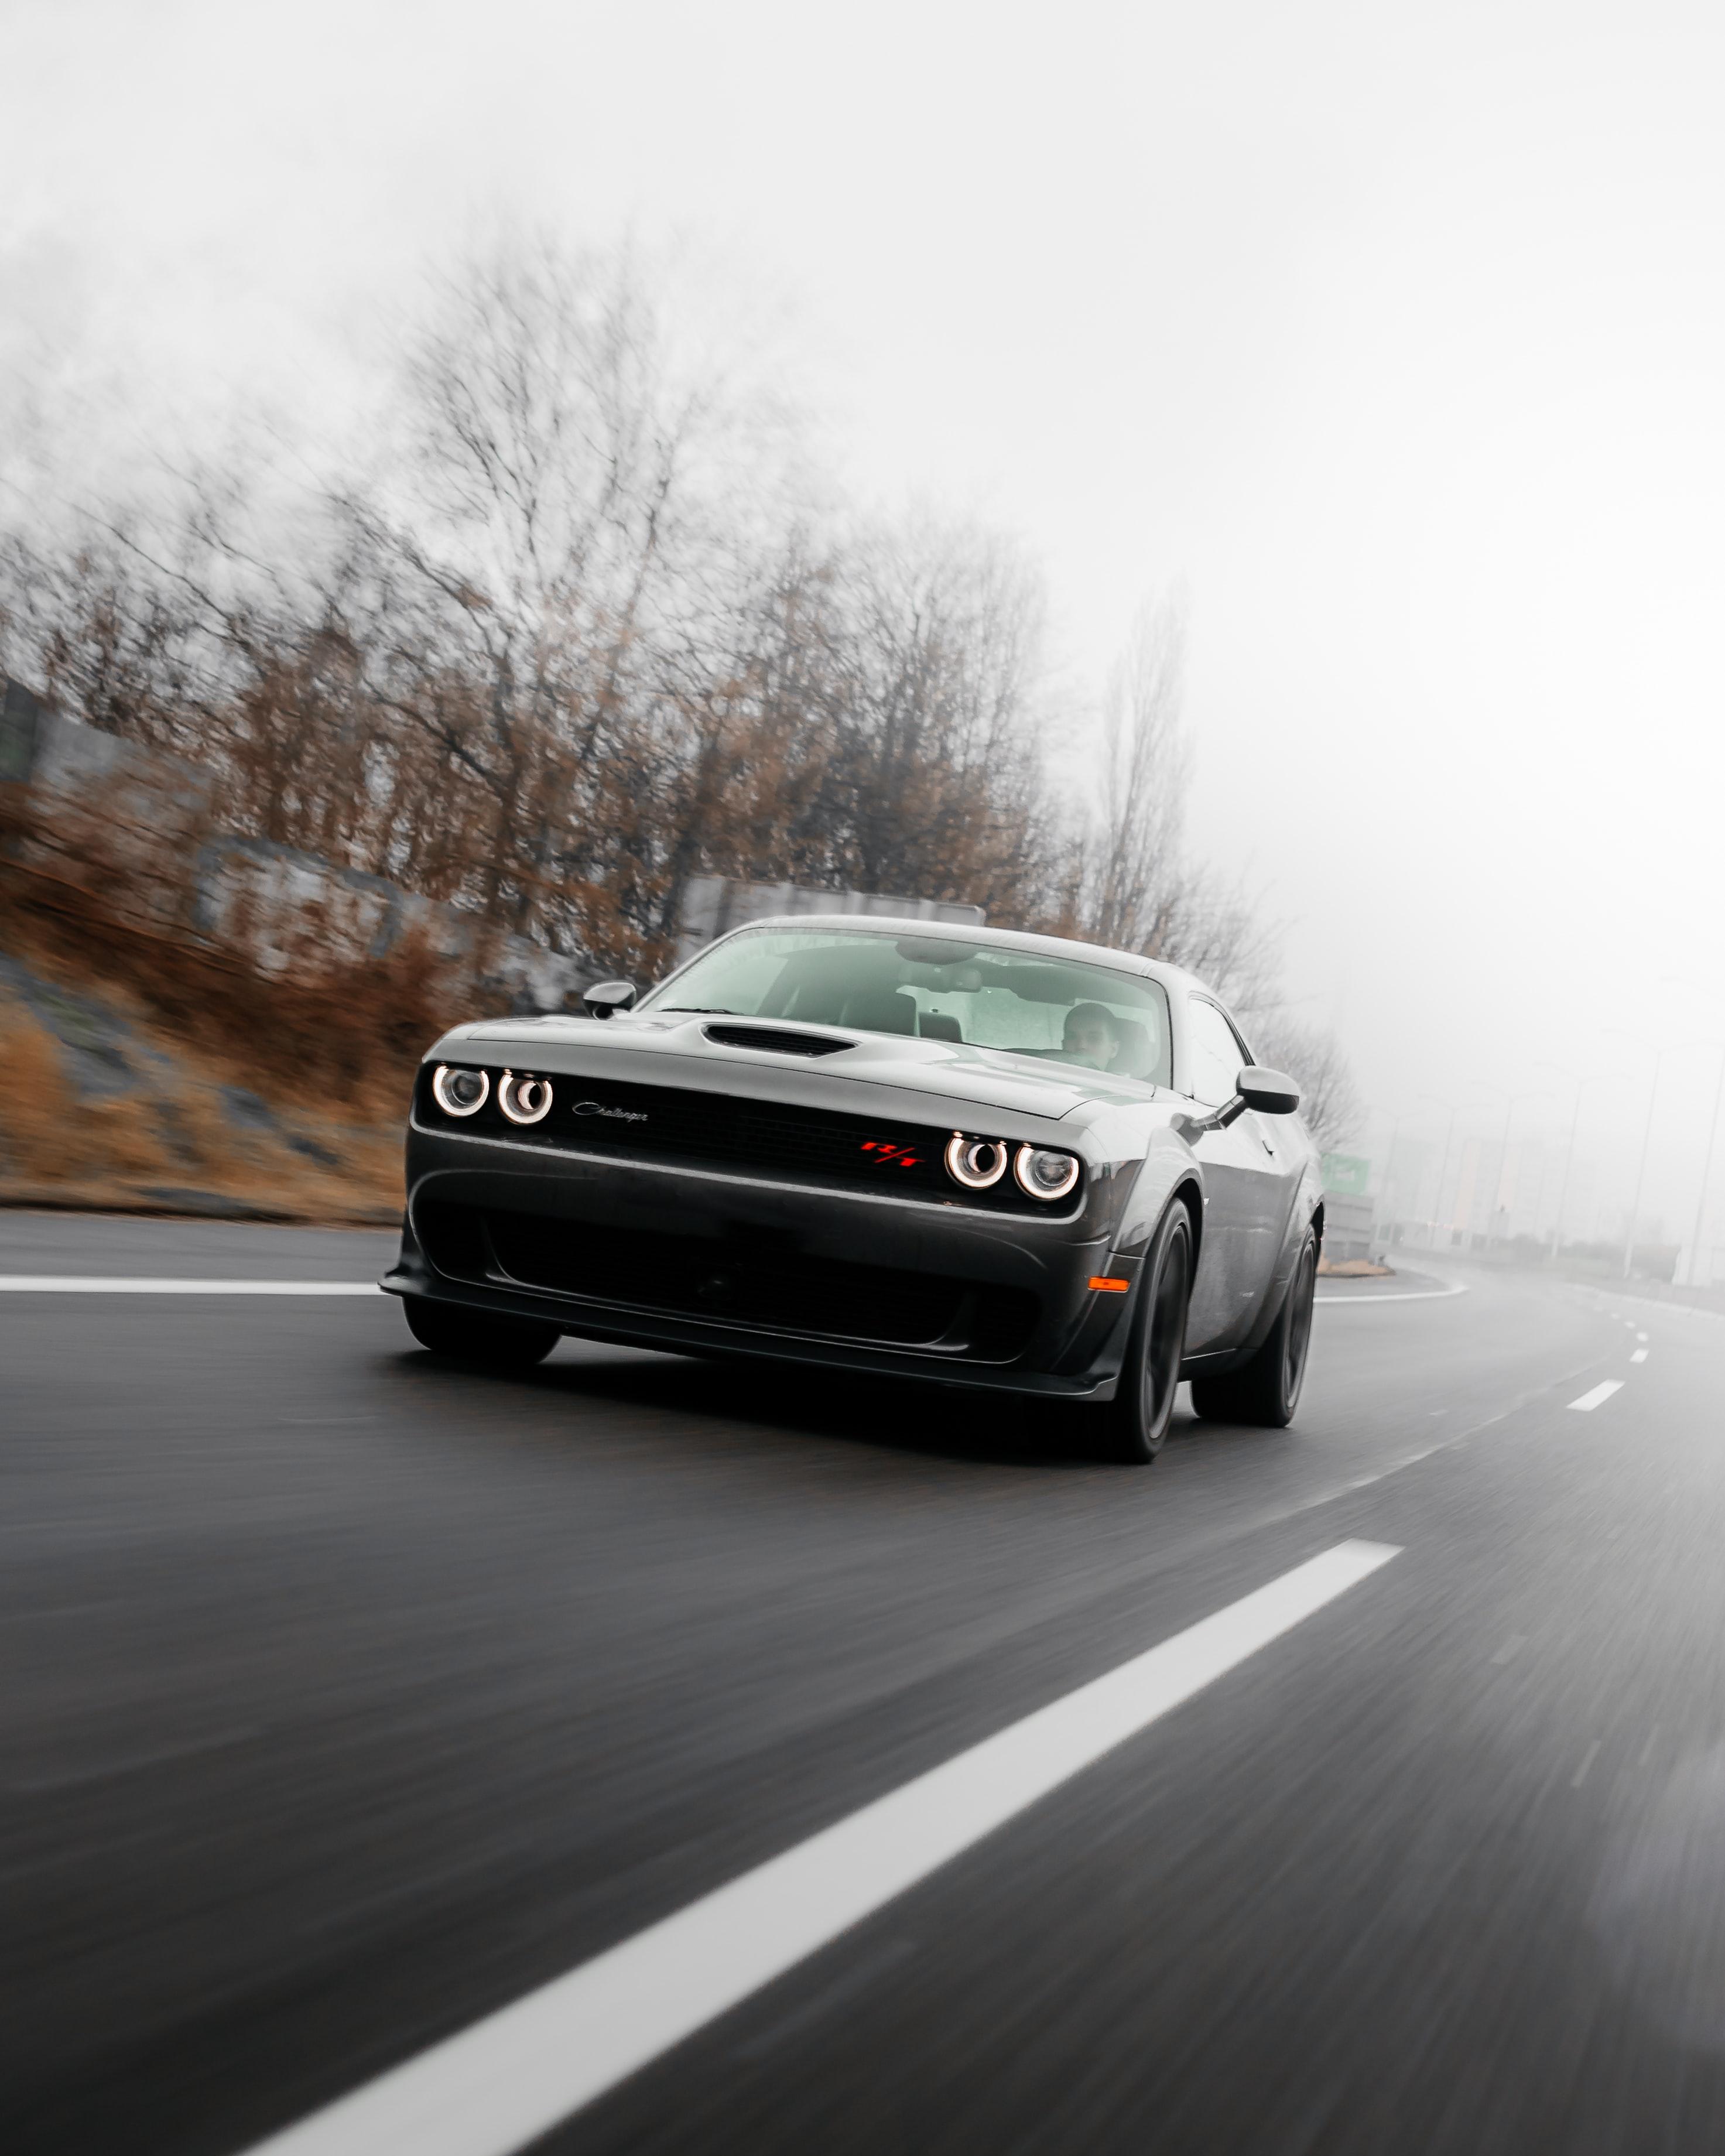 118217 скачать обои Dodge Challenger, Тачки (Cars), Дорога, Автомобиль, Скорость, Dodge - заставки и картинки бесплатно